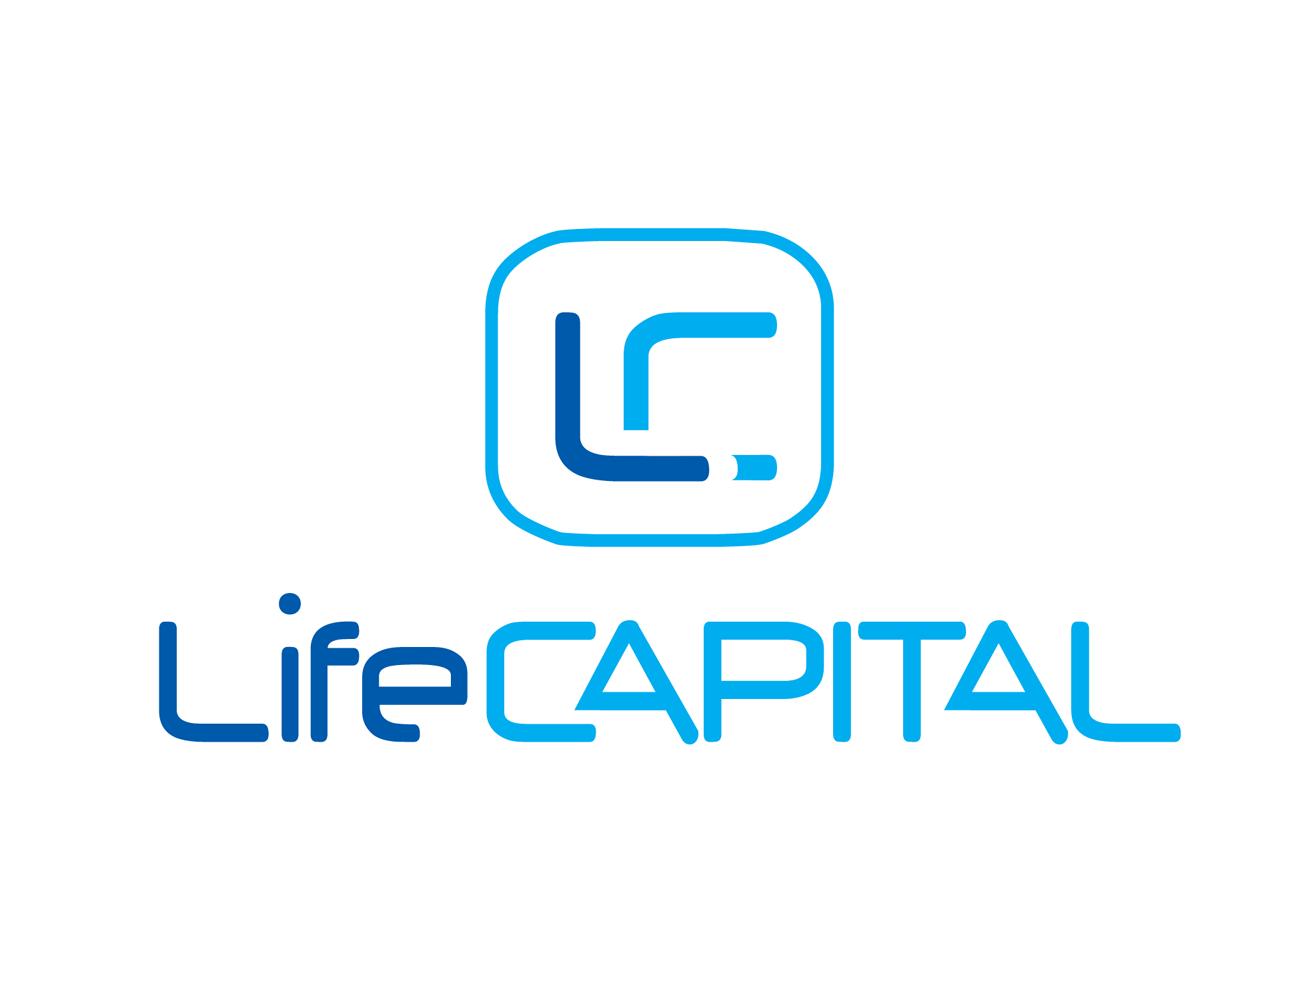 Создание логотипа для финансовой компании Life Capital. Современный, технологичный и развивающийся стиль